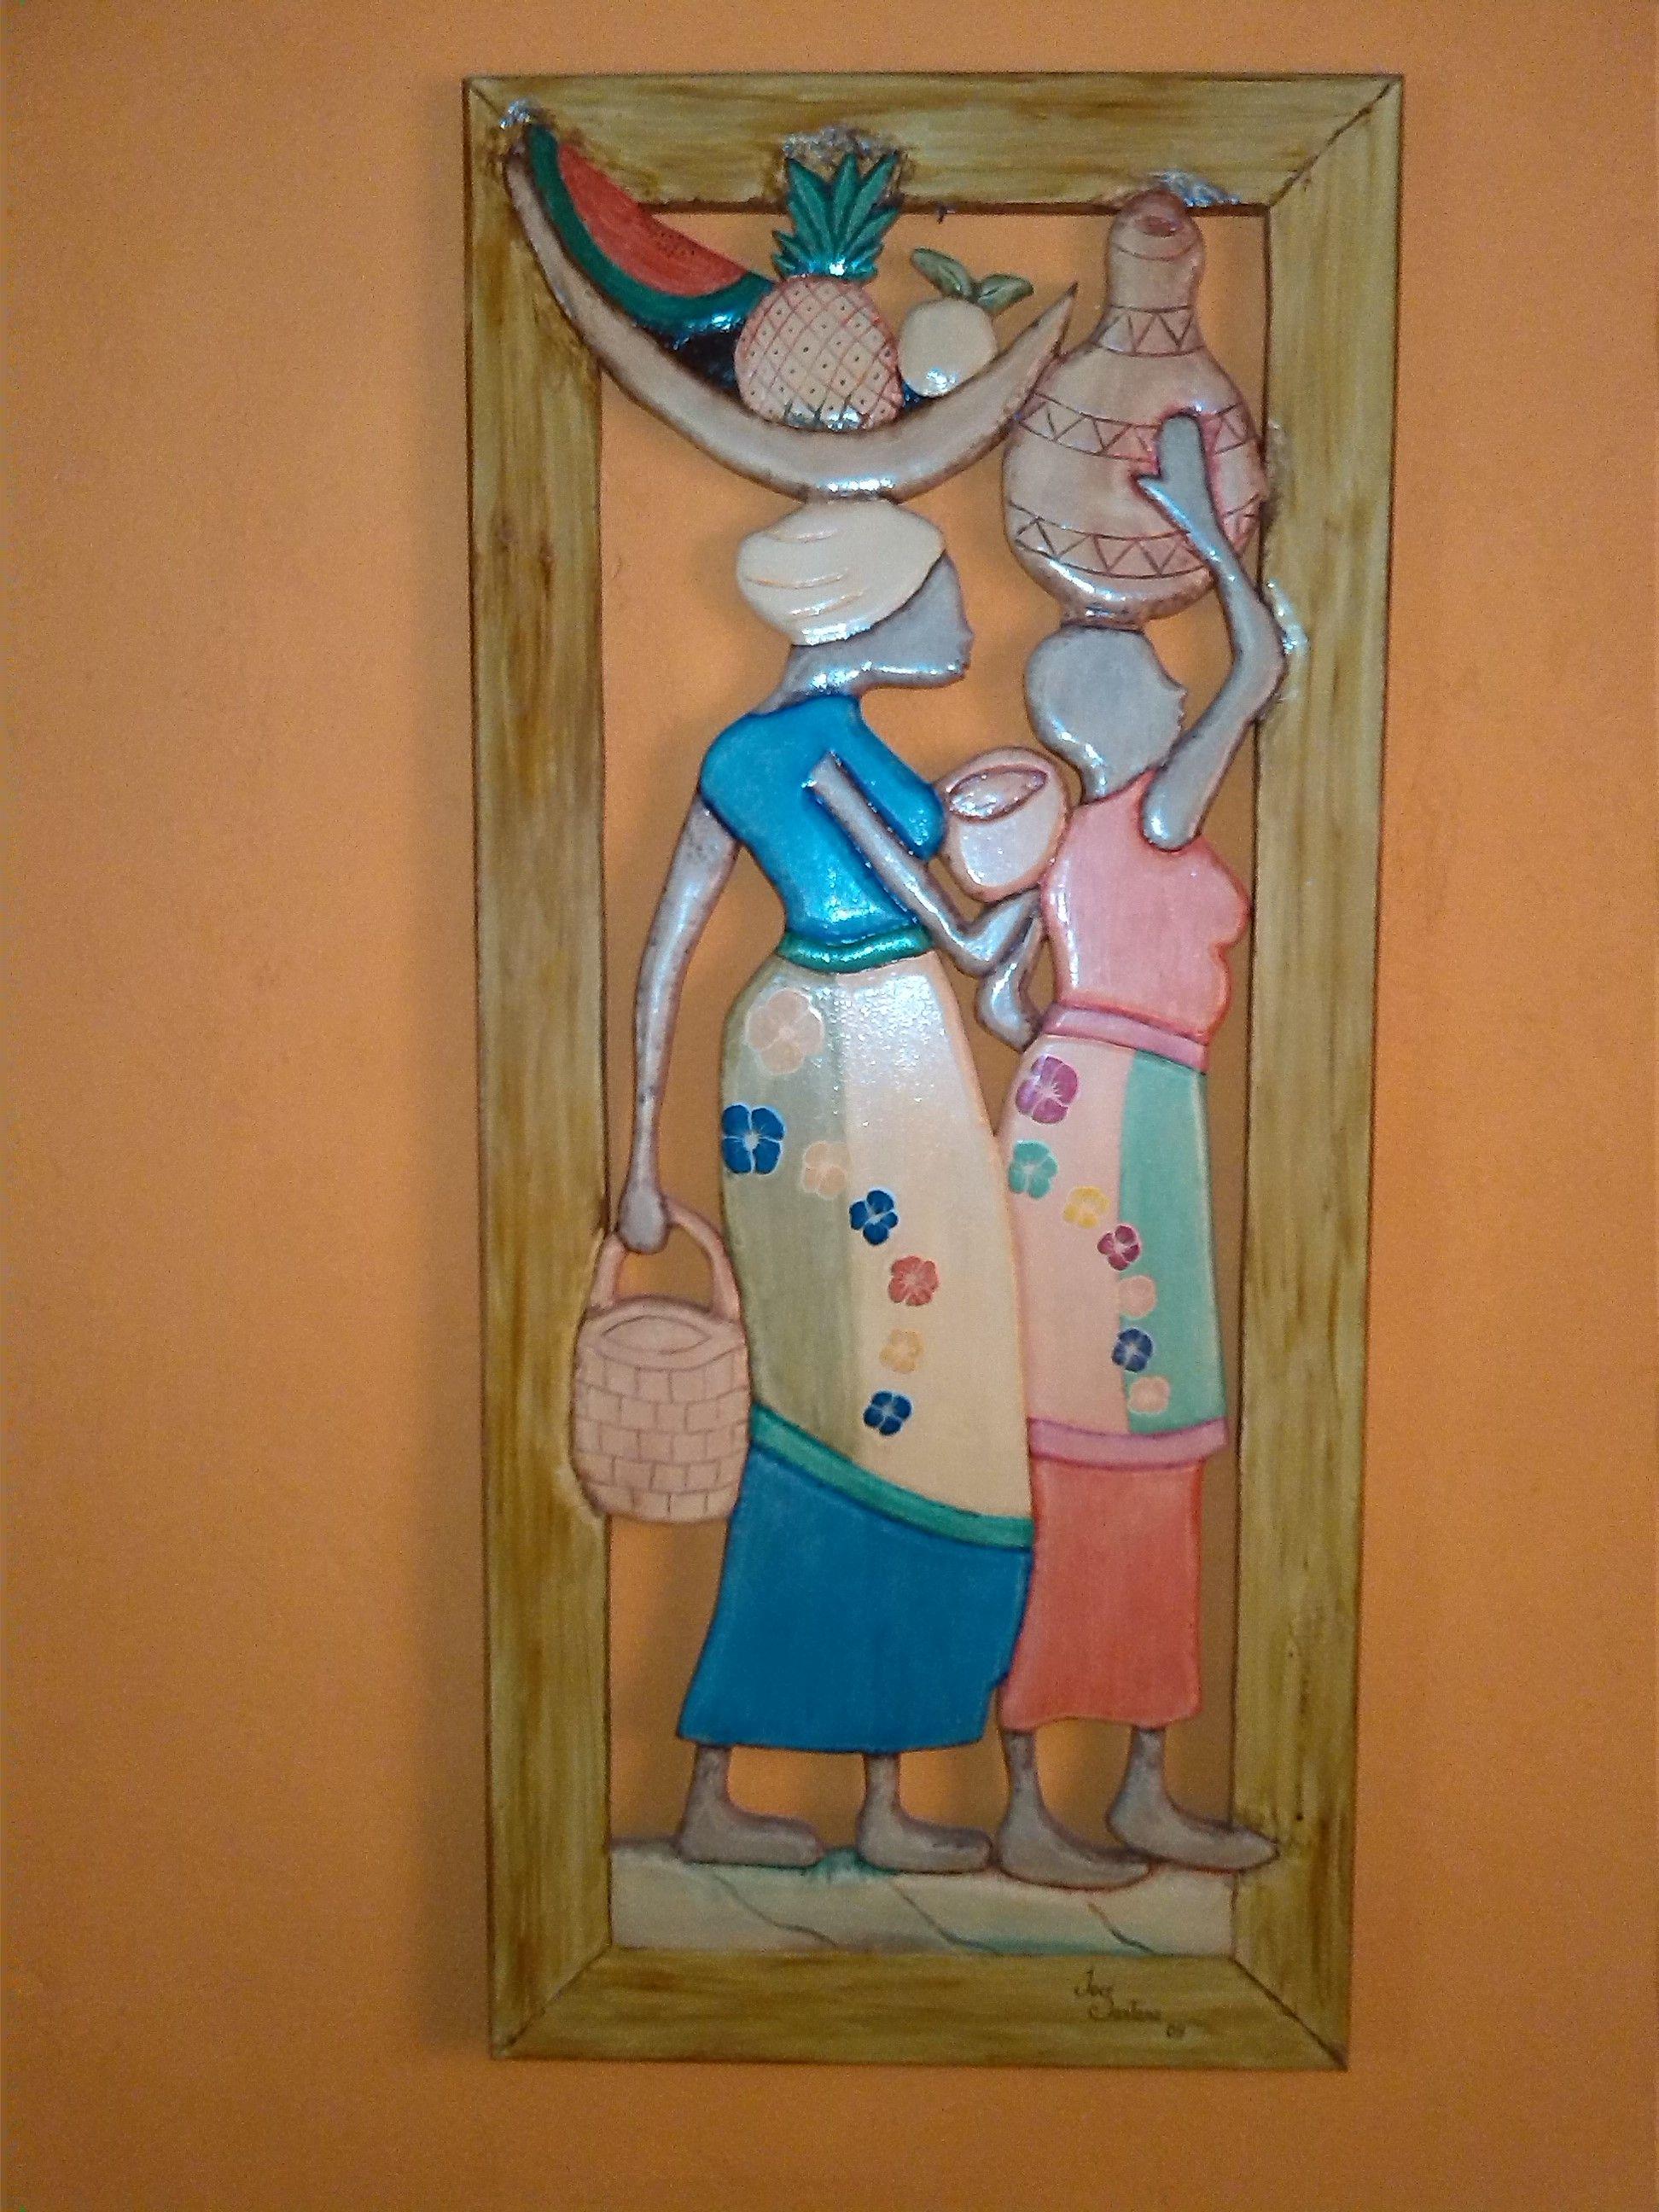 NEGRAS CON FRUTAS, talladas en madera, elaboradas por Jose Santana